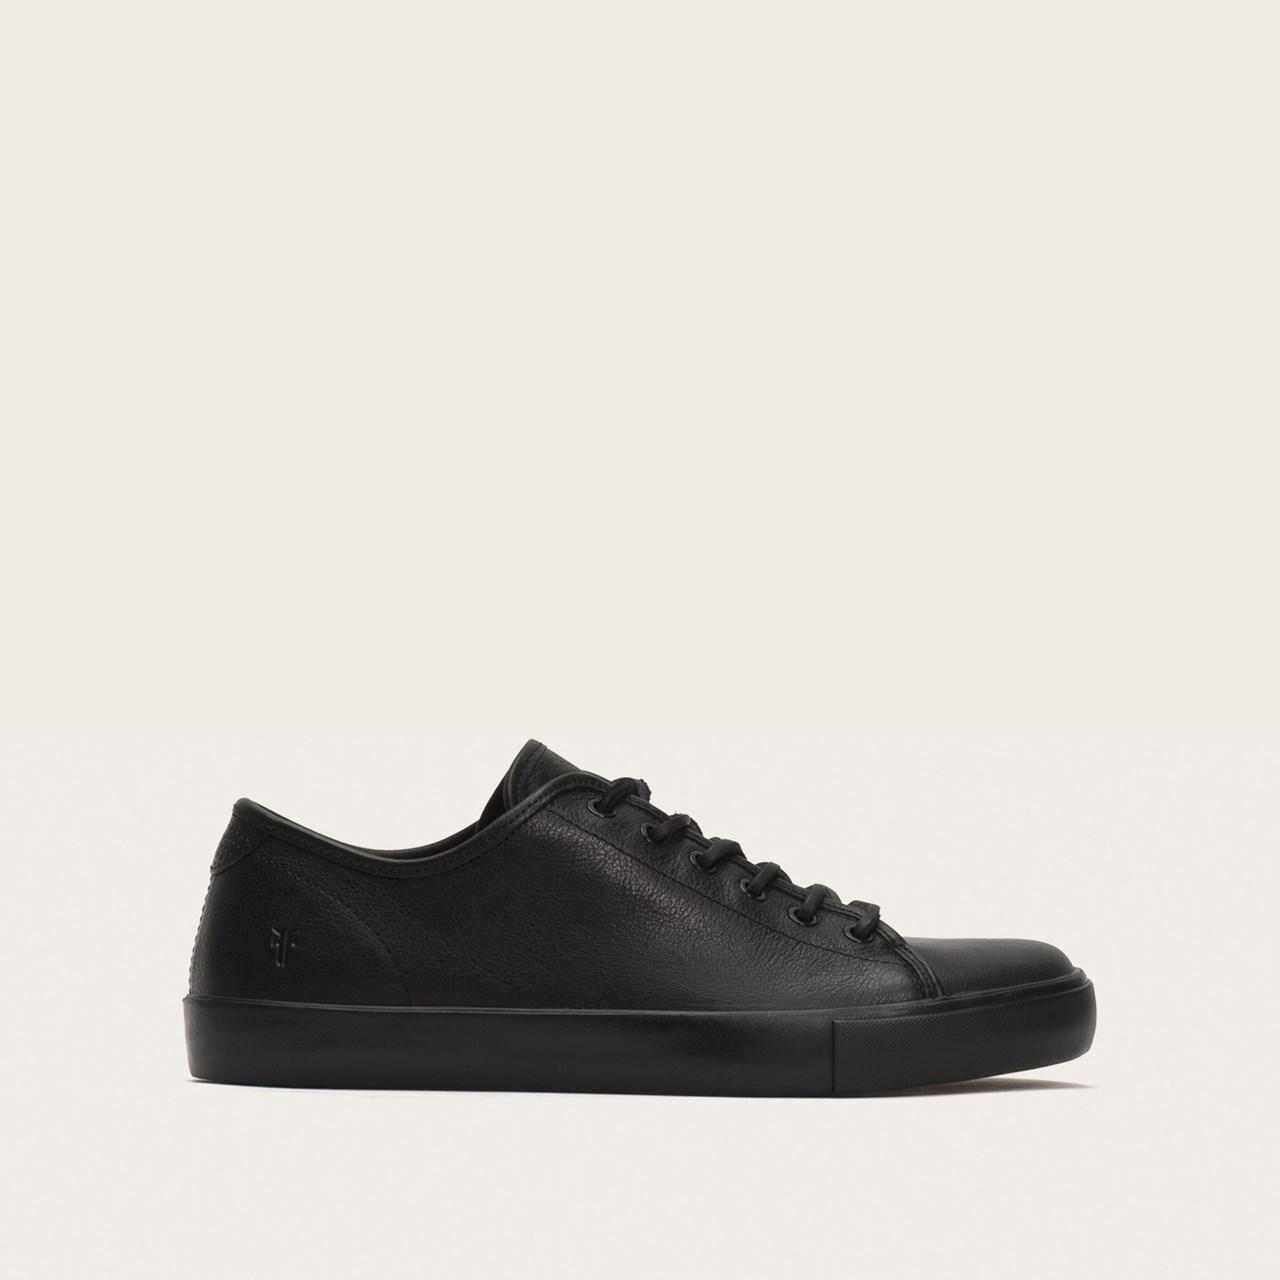 Frye Brett Low Leather sneakers - black.jpg